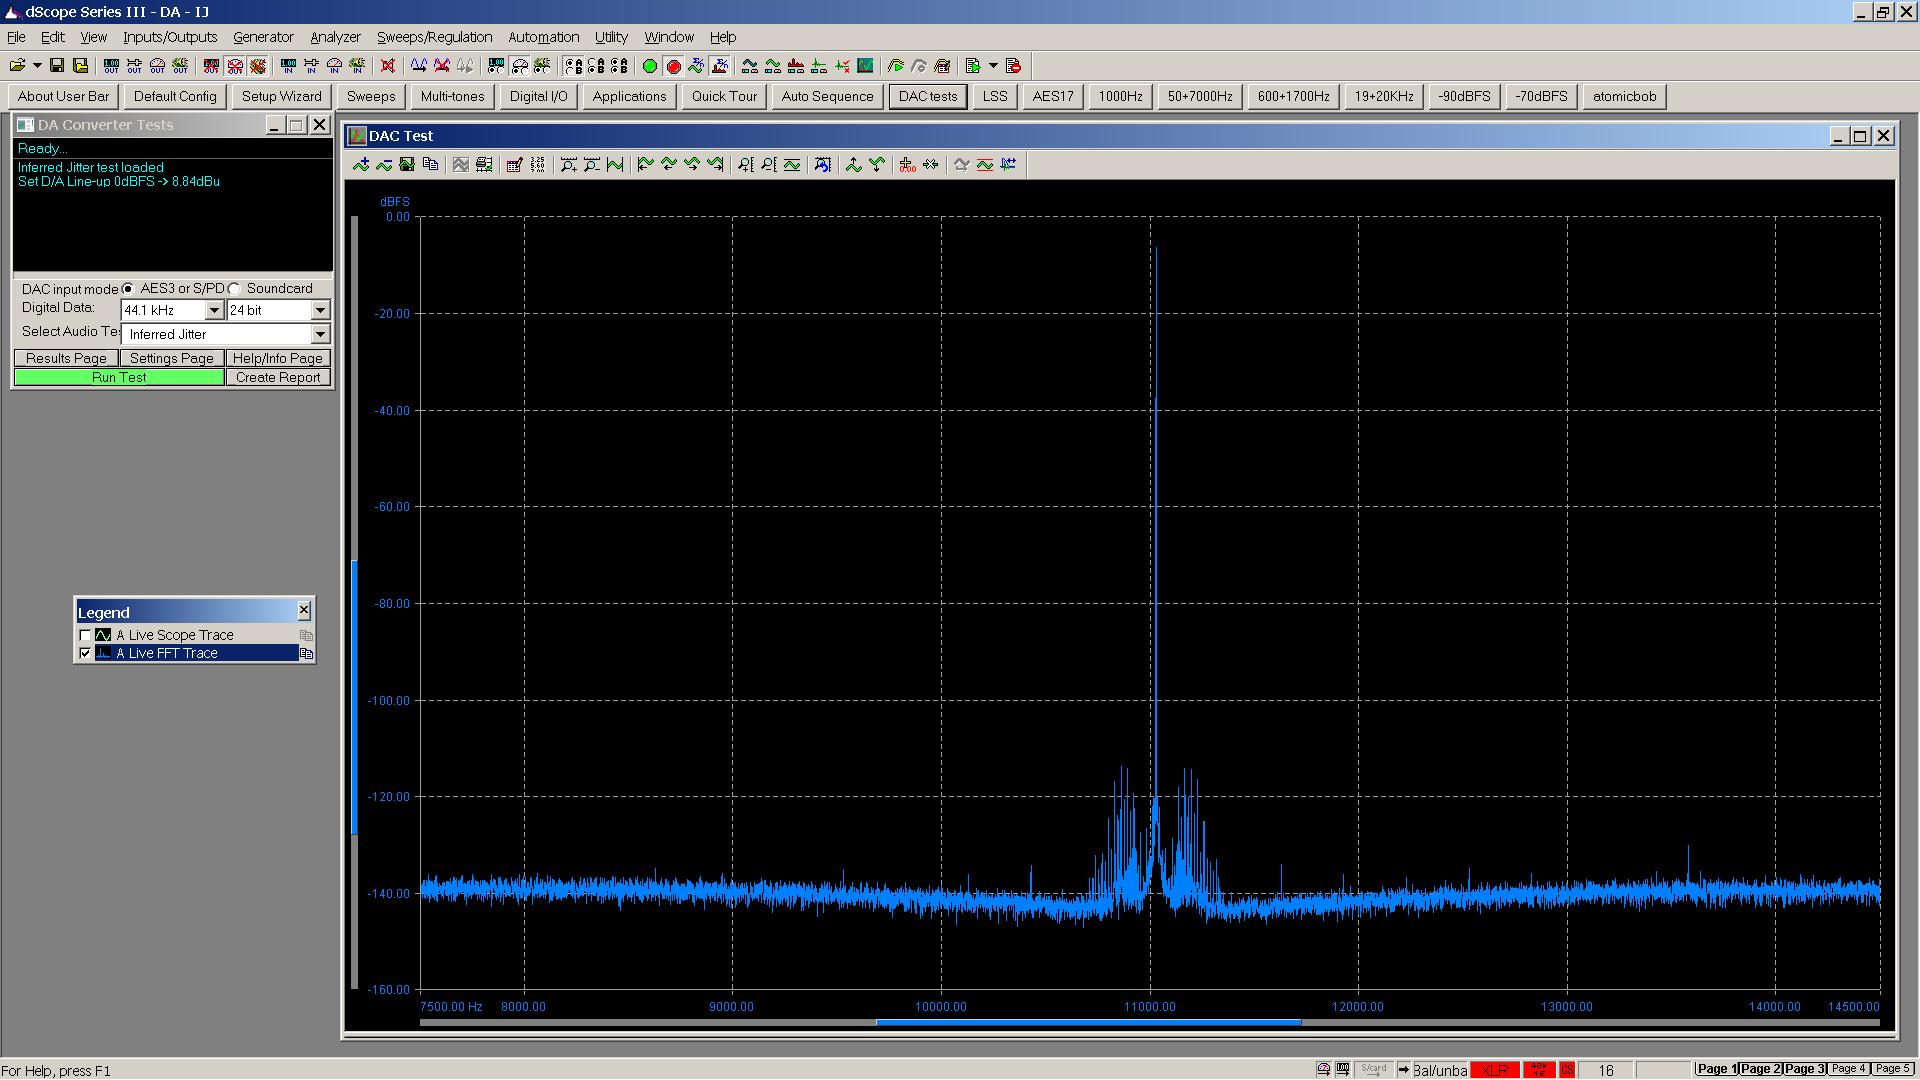 20180708-09 D30 SE inferred jitter - 7 KHz BW - spdif.PNG